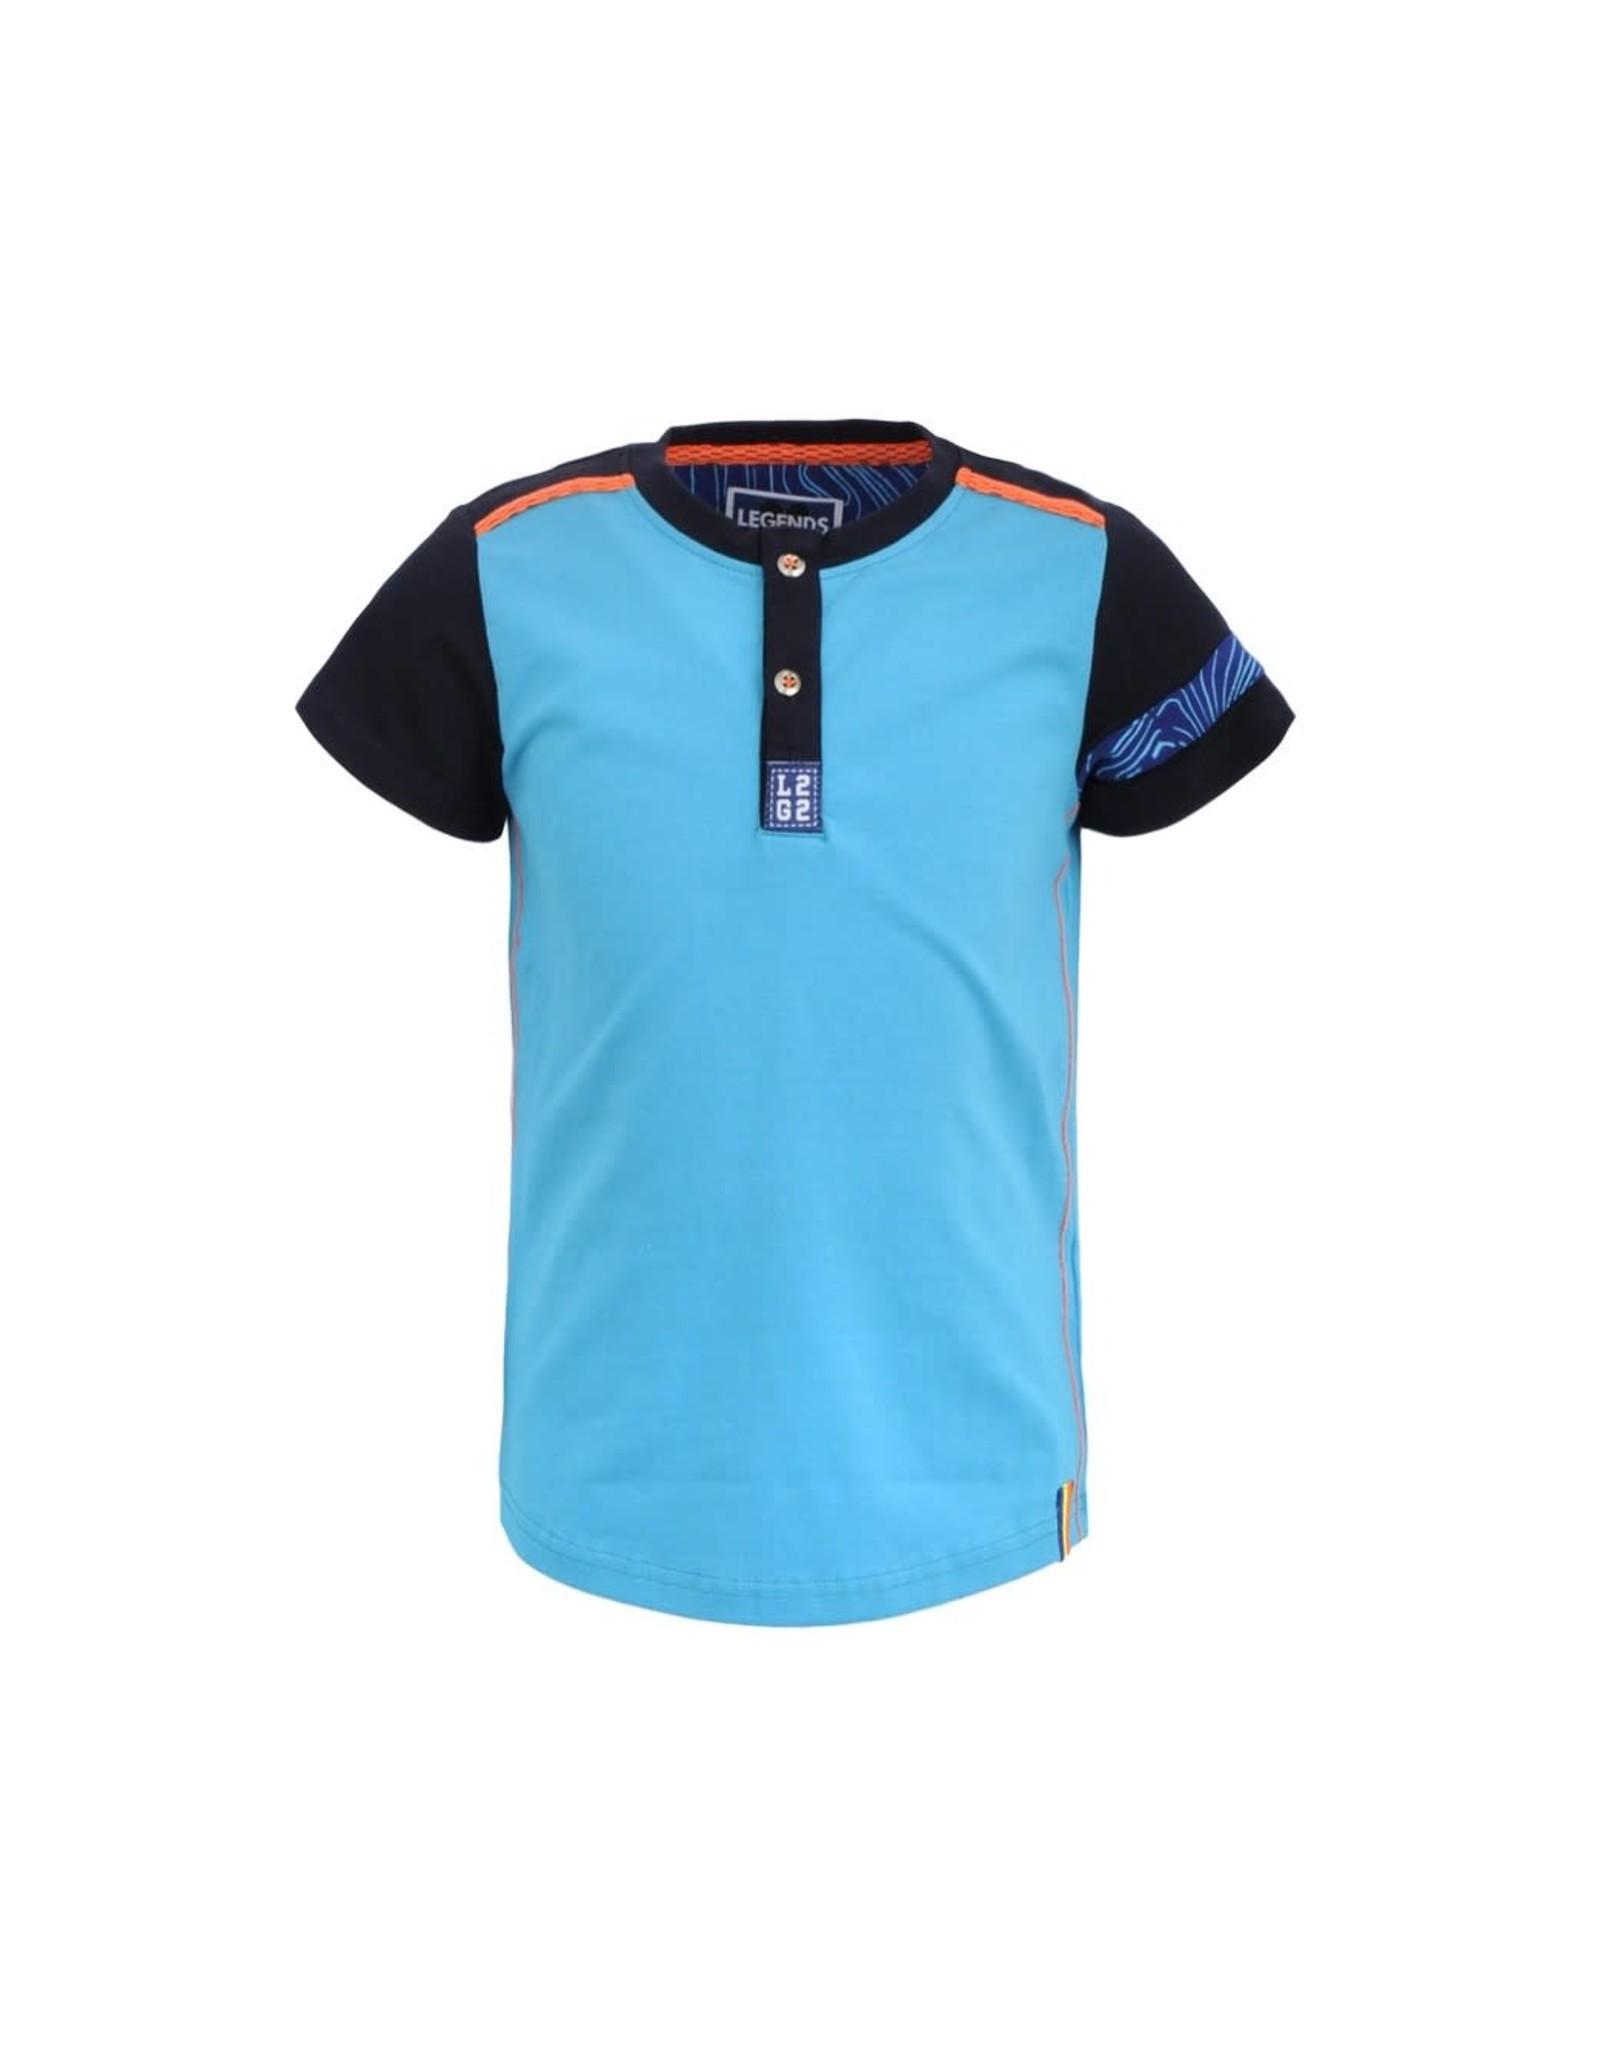 Legends jongens t-shirt Orion Scuba Blue